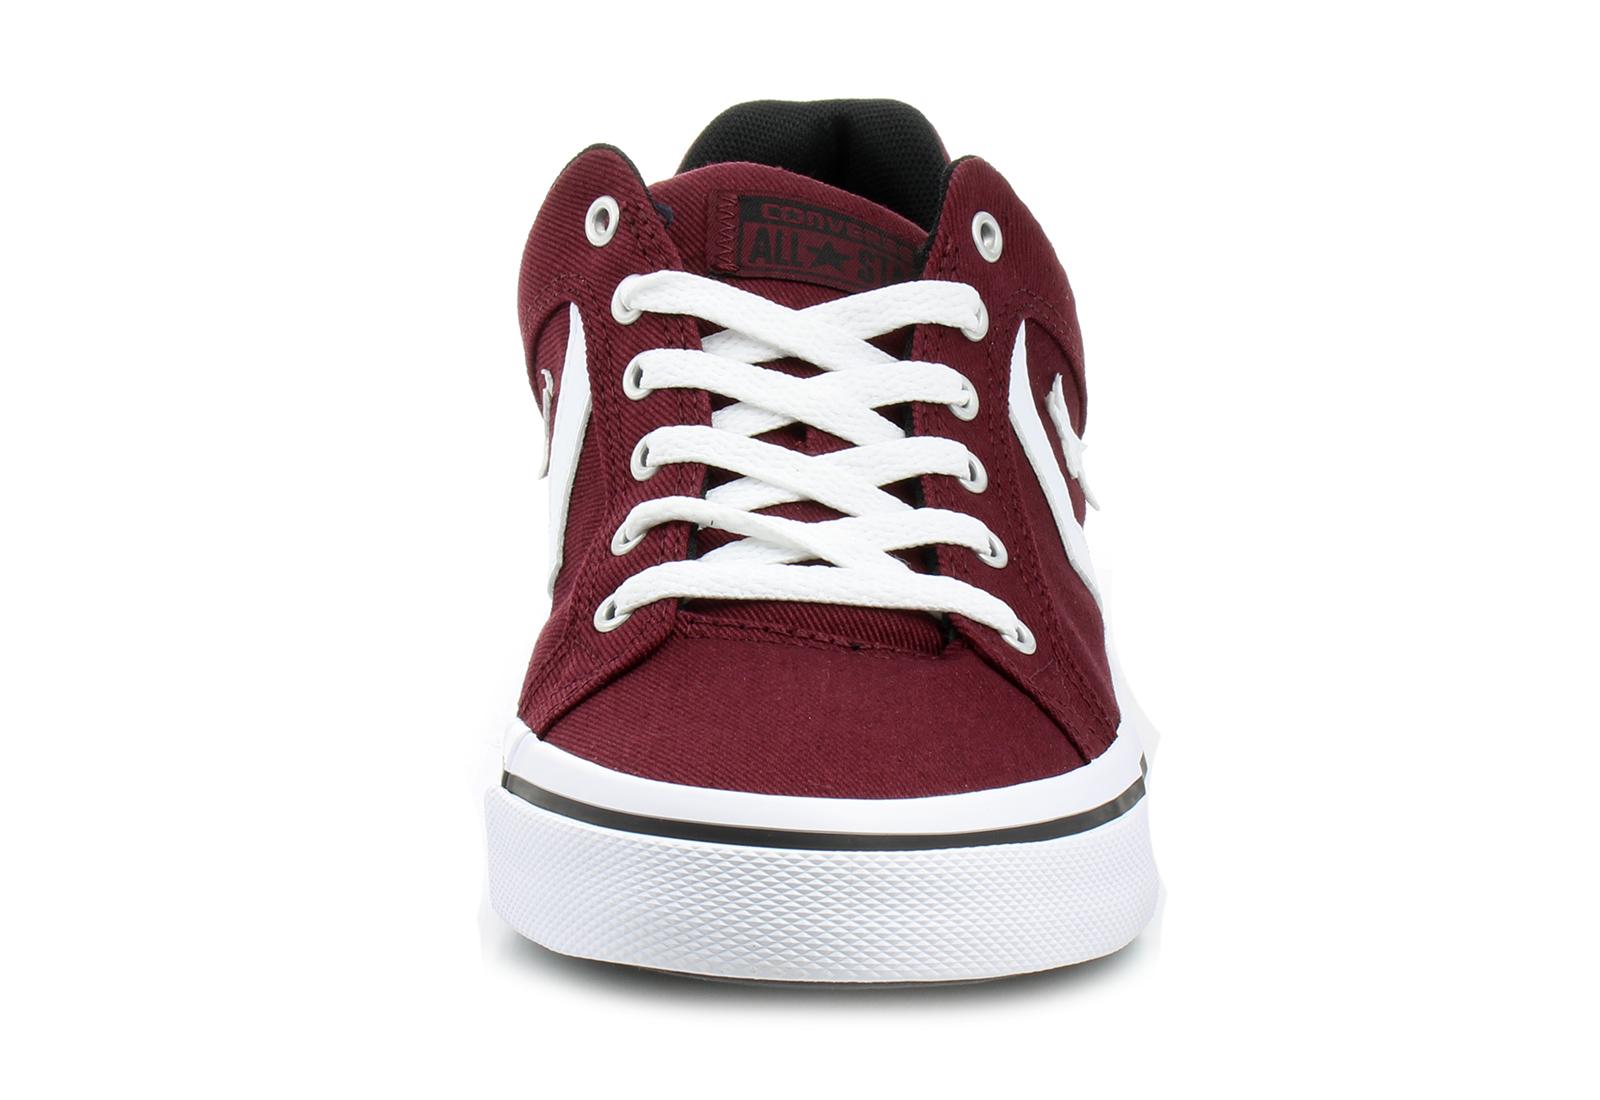 Converse Sneakers Converse El Distrito 159792c